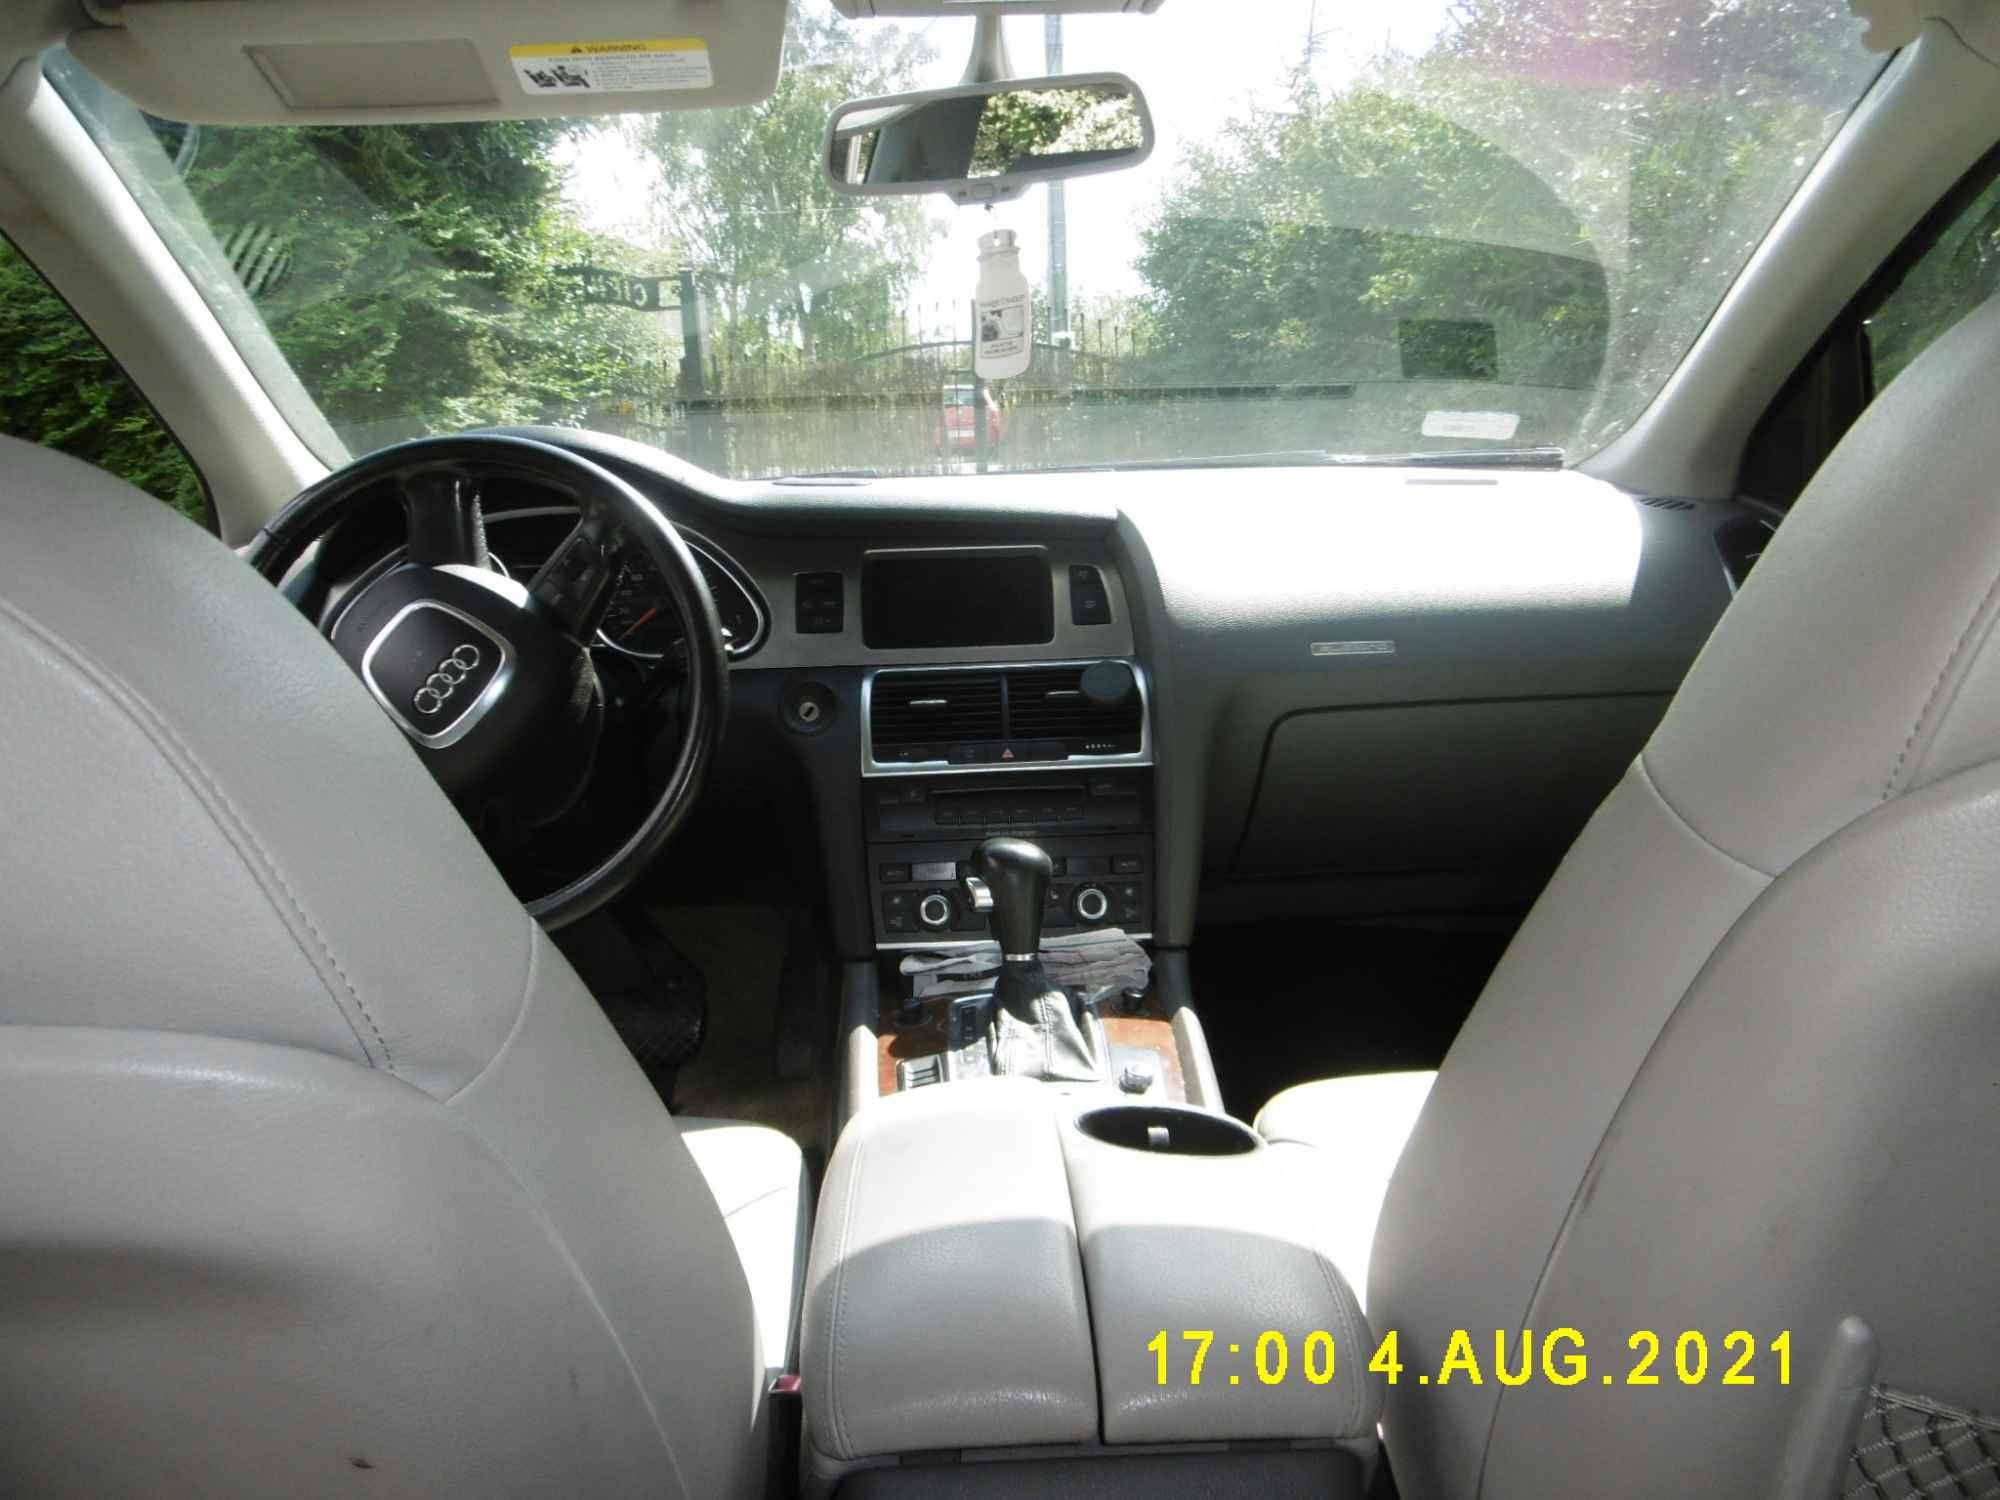 Sprzedam samochód osobowy  AUDI Q7 05-09 typ Q7 4,2 FSI QUATTRO Słupsk - zdjęcie 3